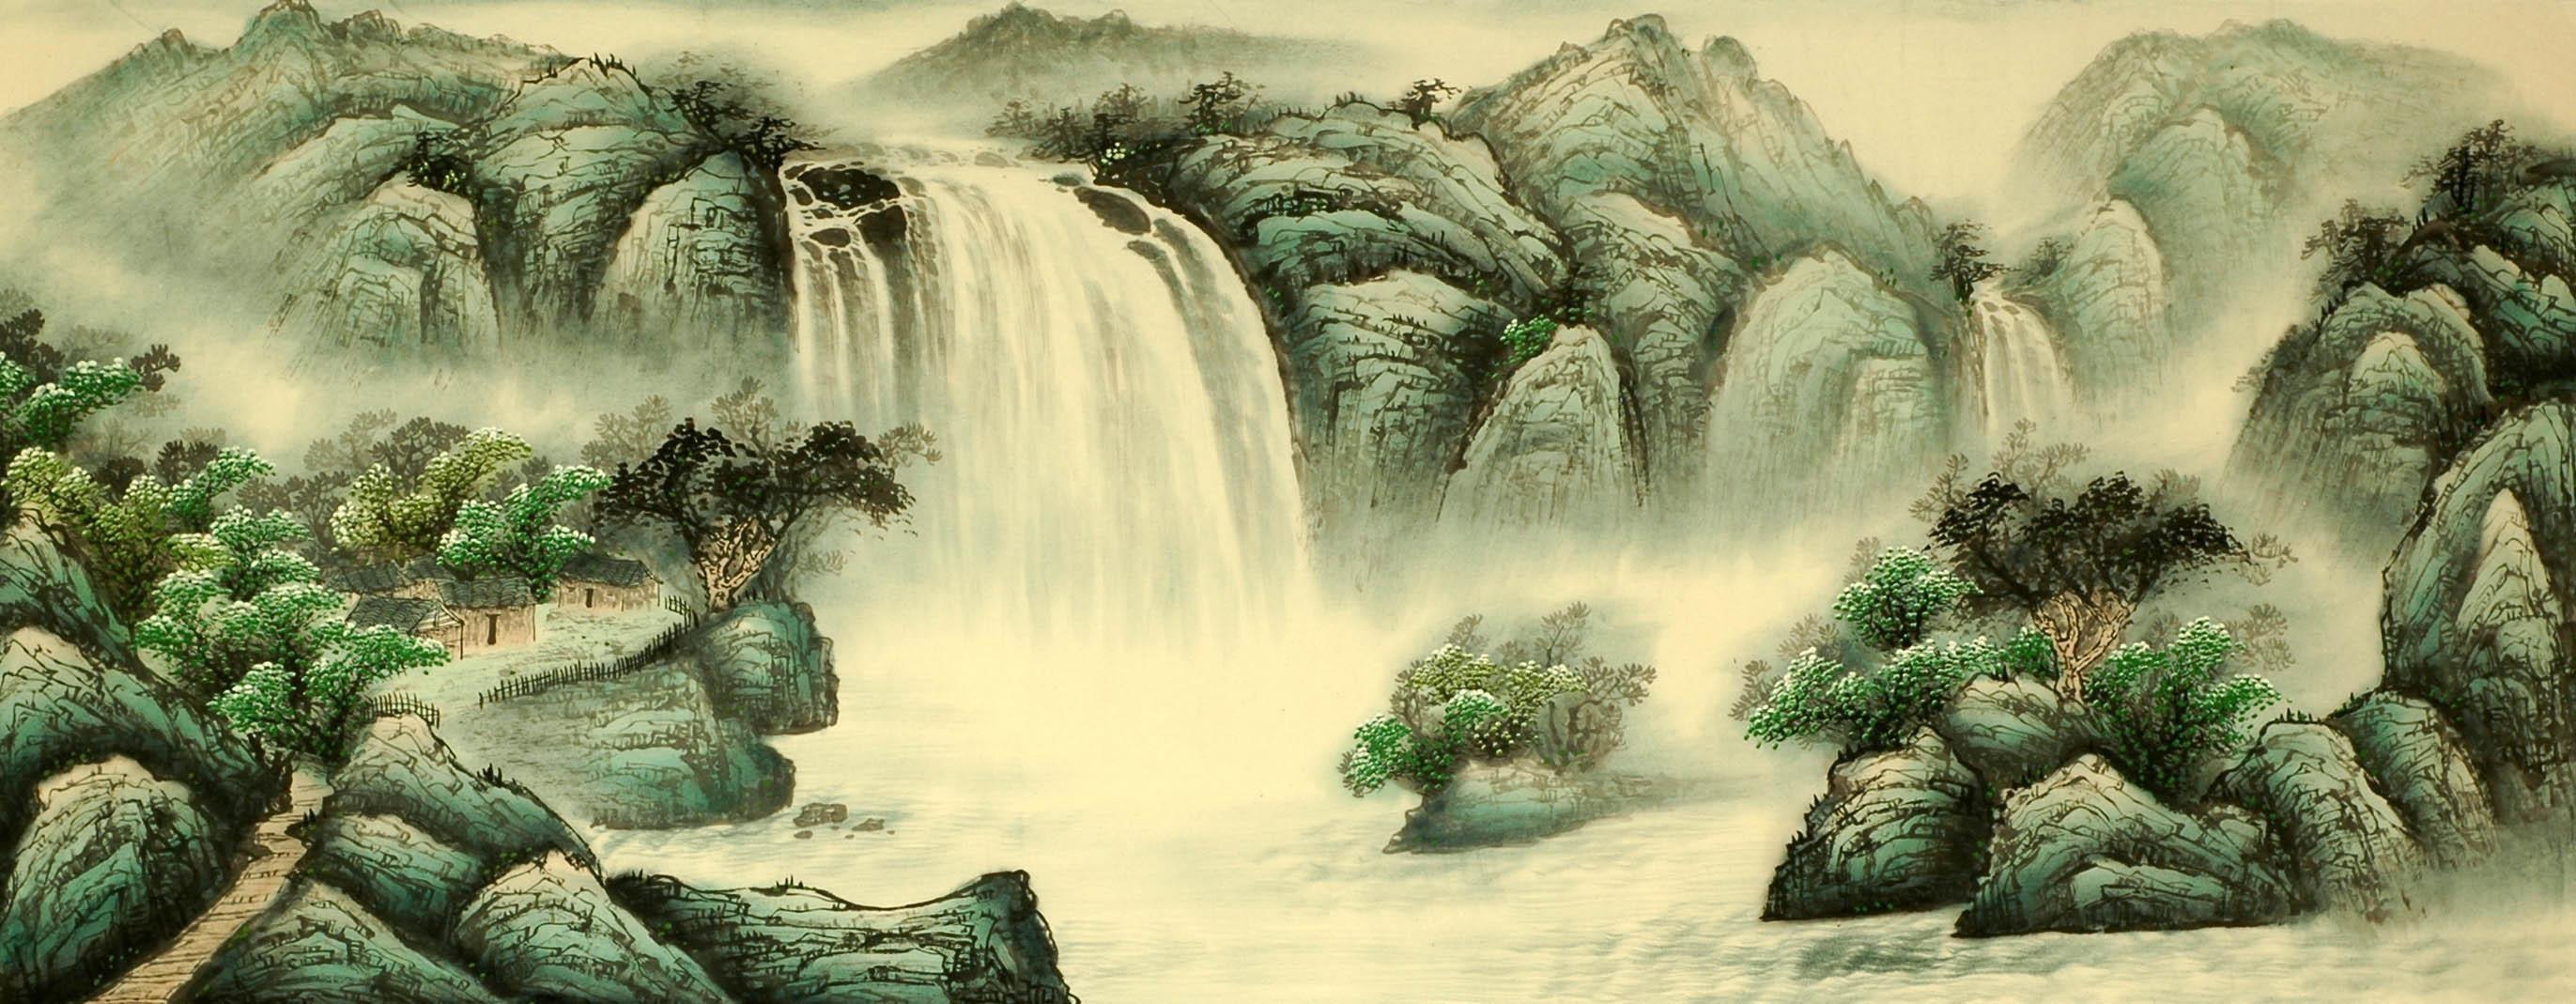 Chinese Landscape Painting - CNAG008152